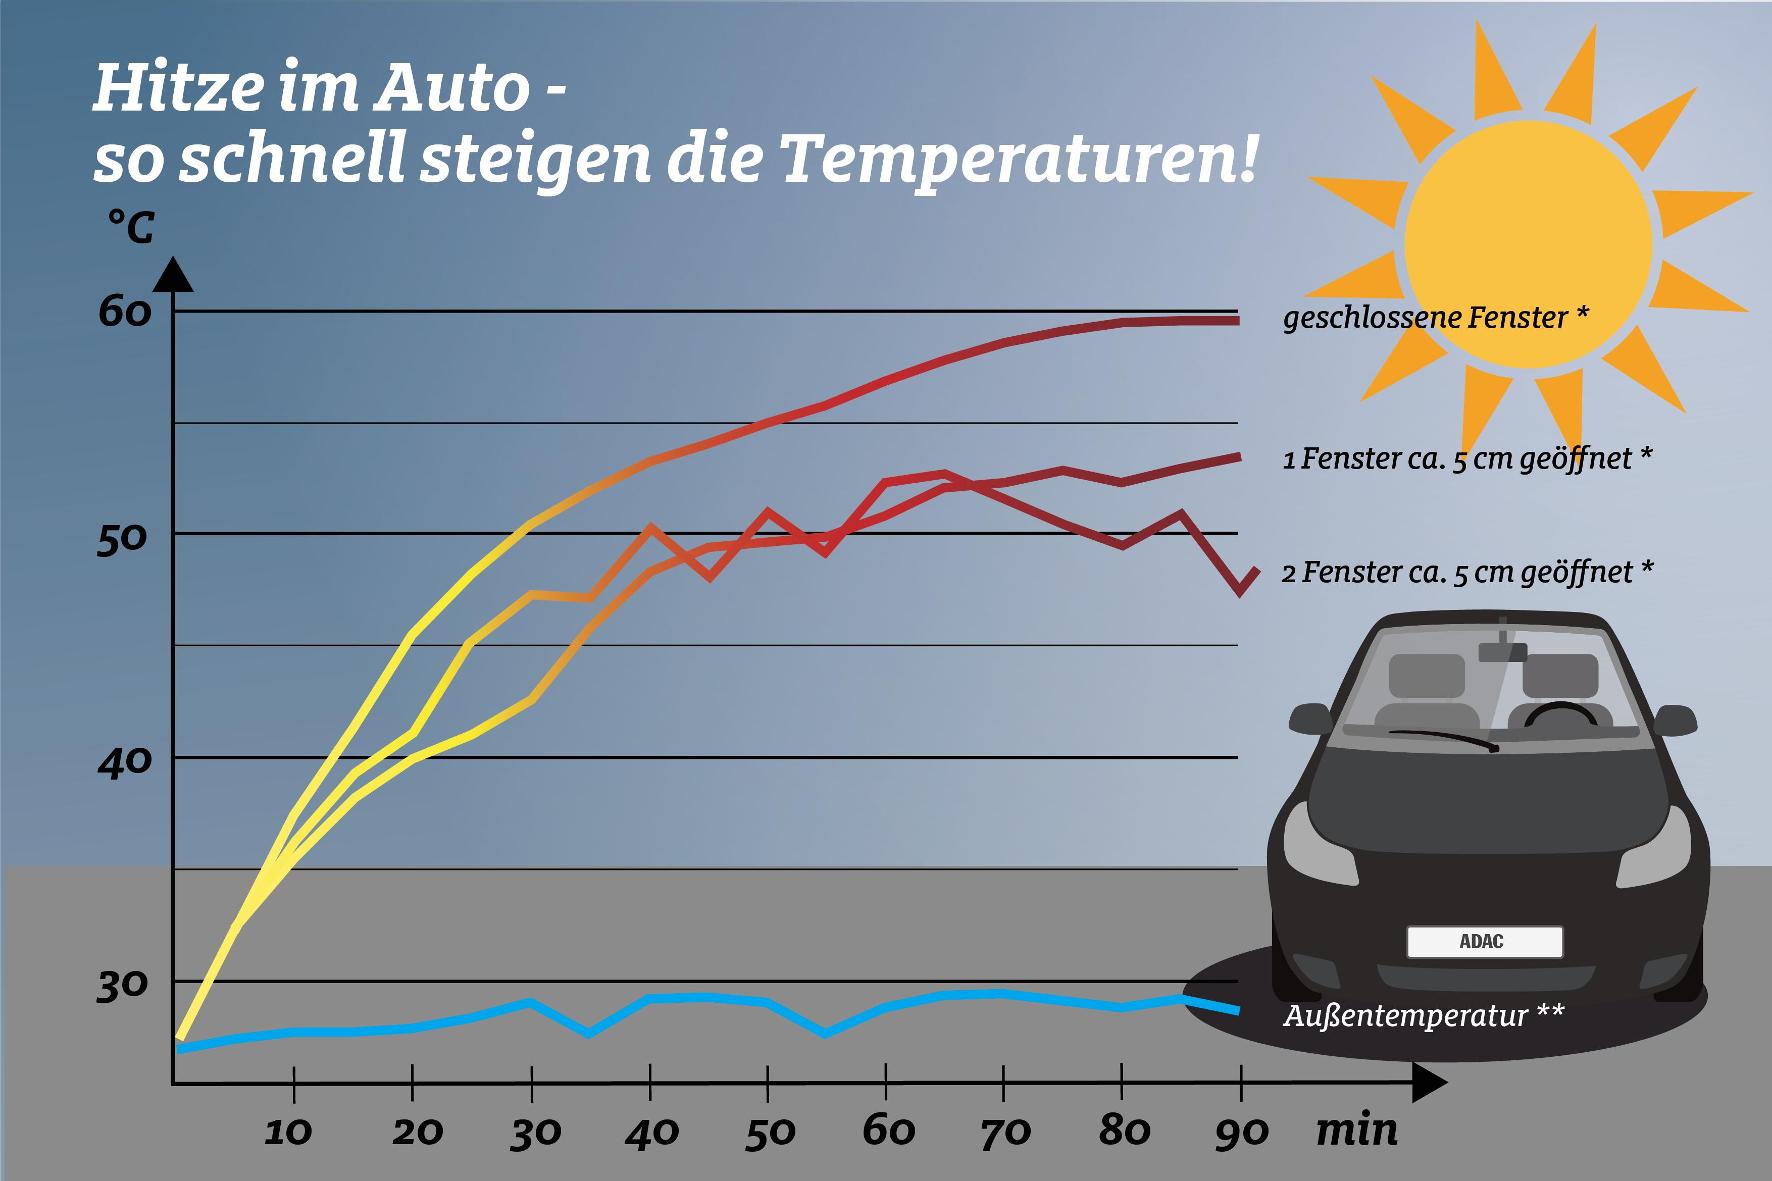 Hitze-Tipps für Autofahrer